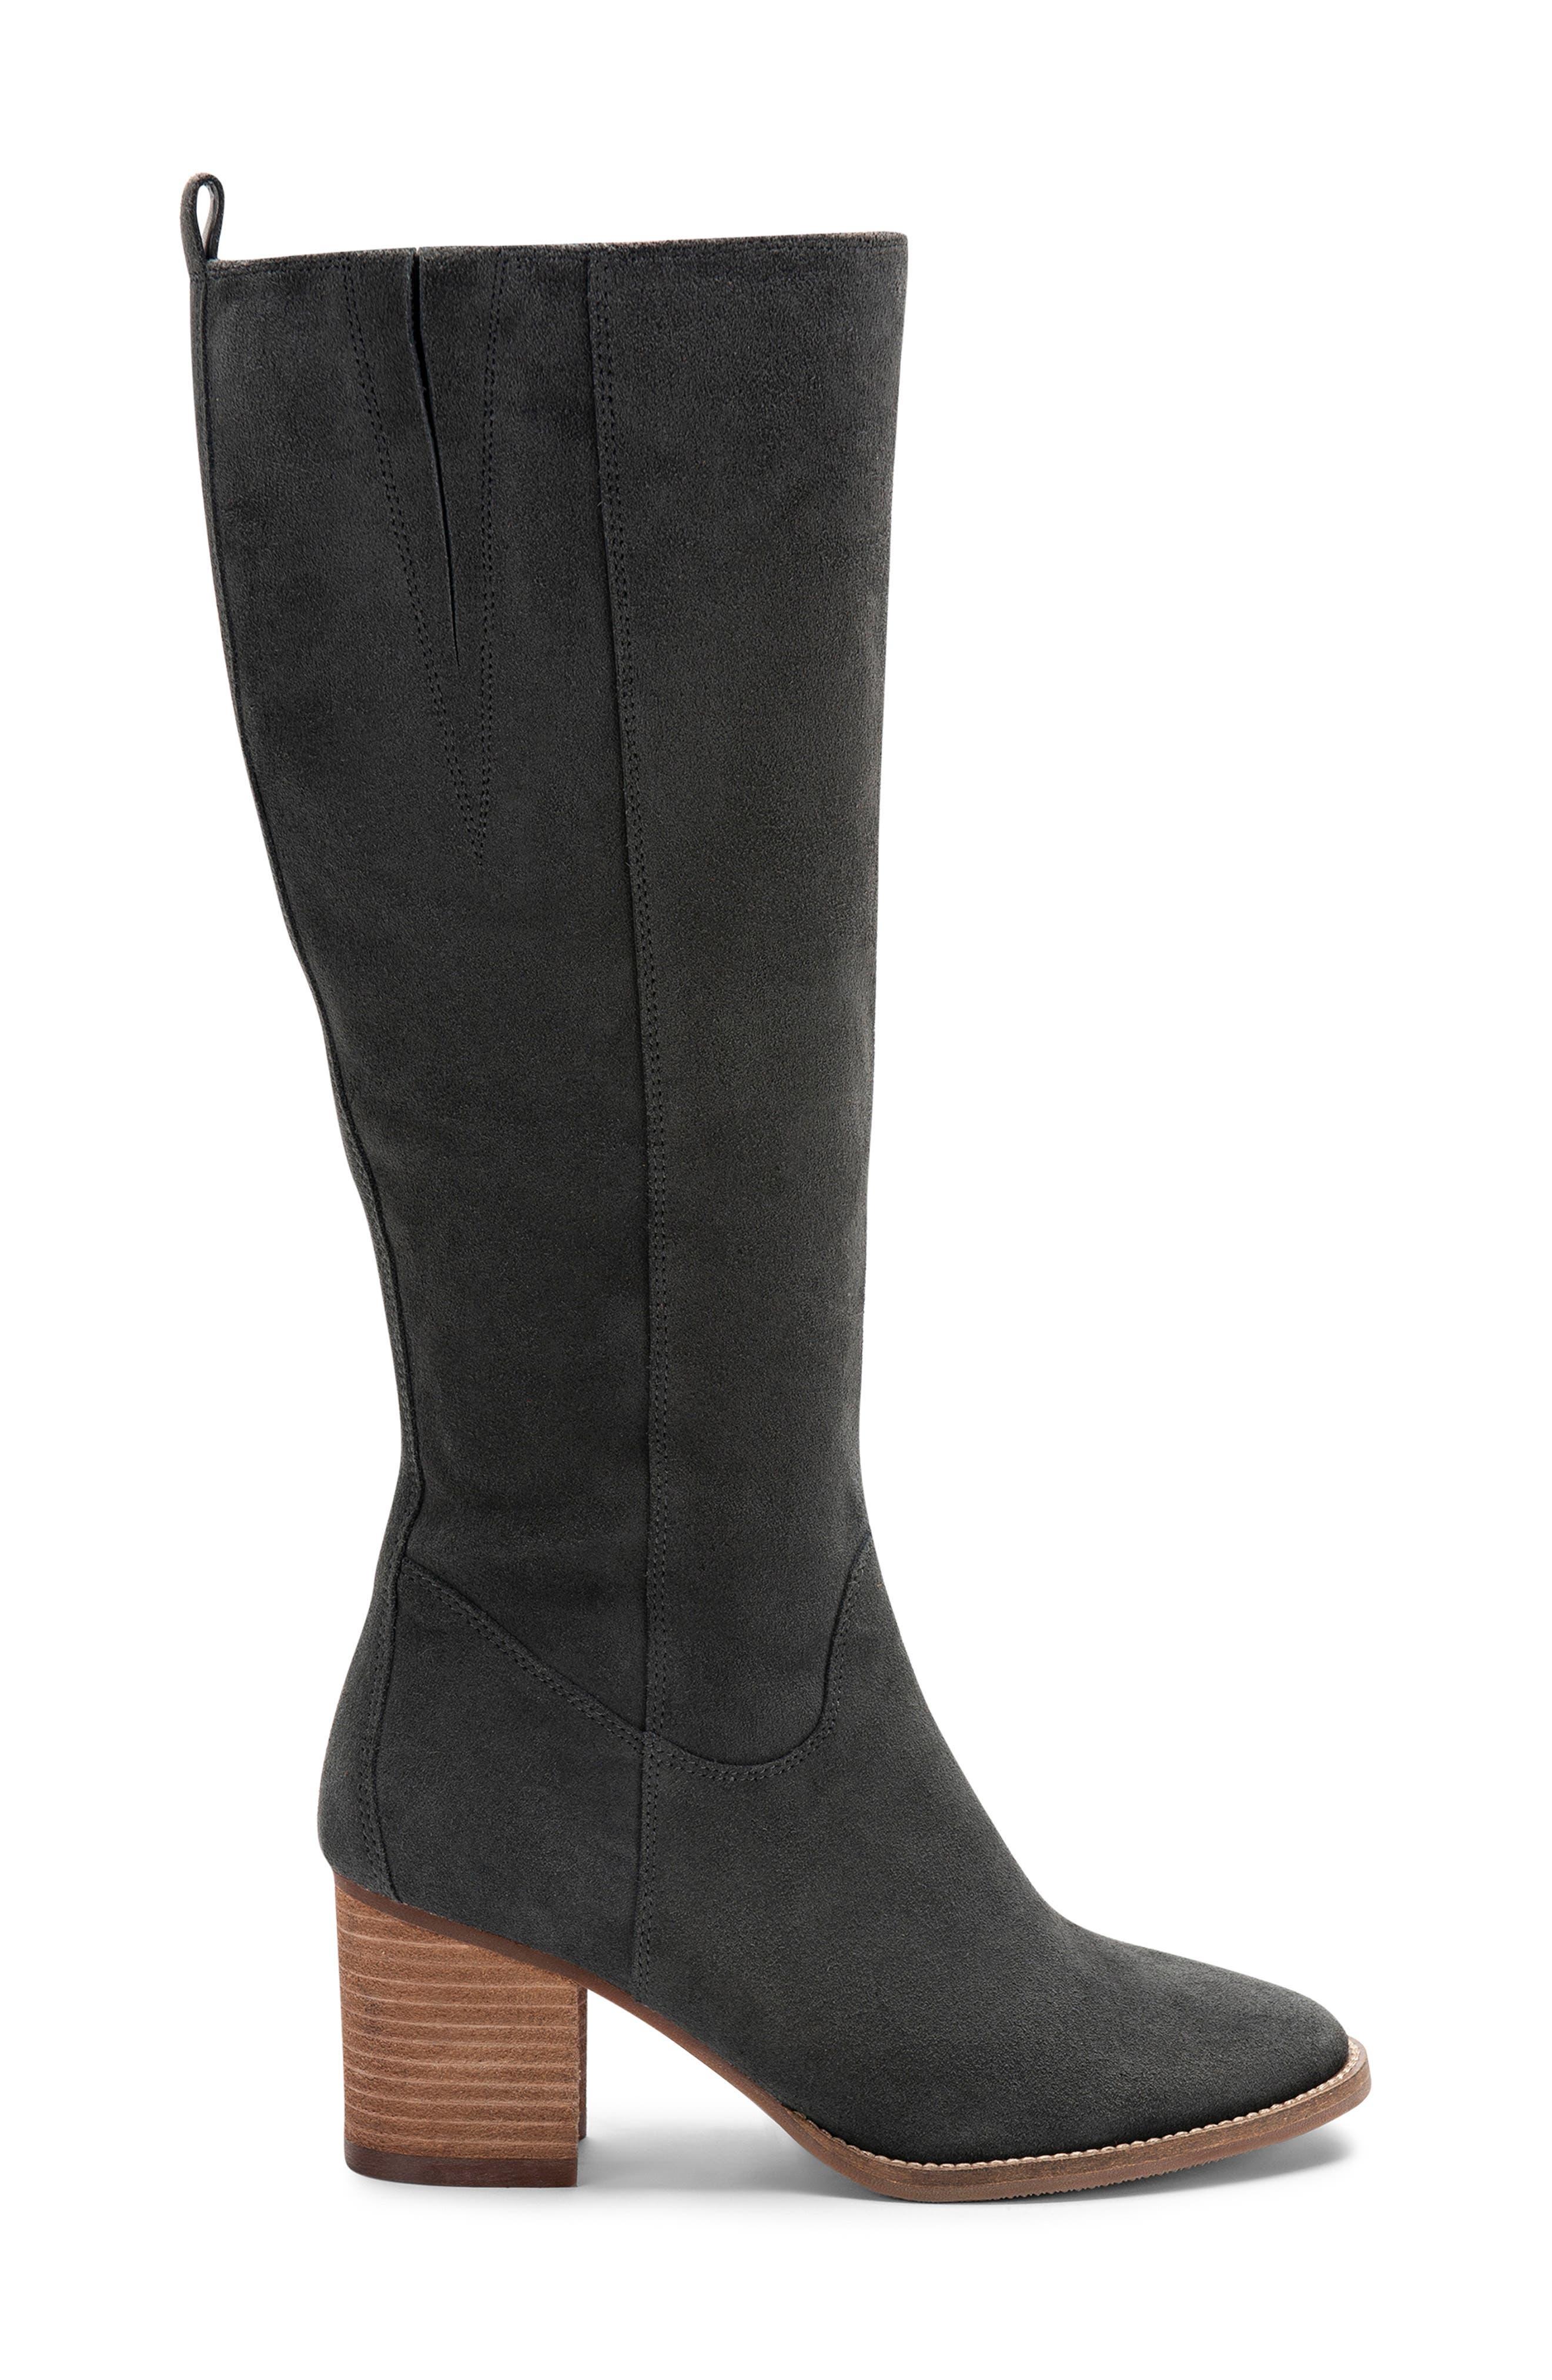 BLONDO, Nikki Waterproof Knee High Waterproof Boot, Alternate thumbnail 3, color, DARK GREY SUEDE